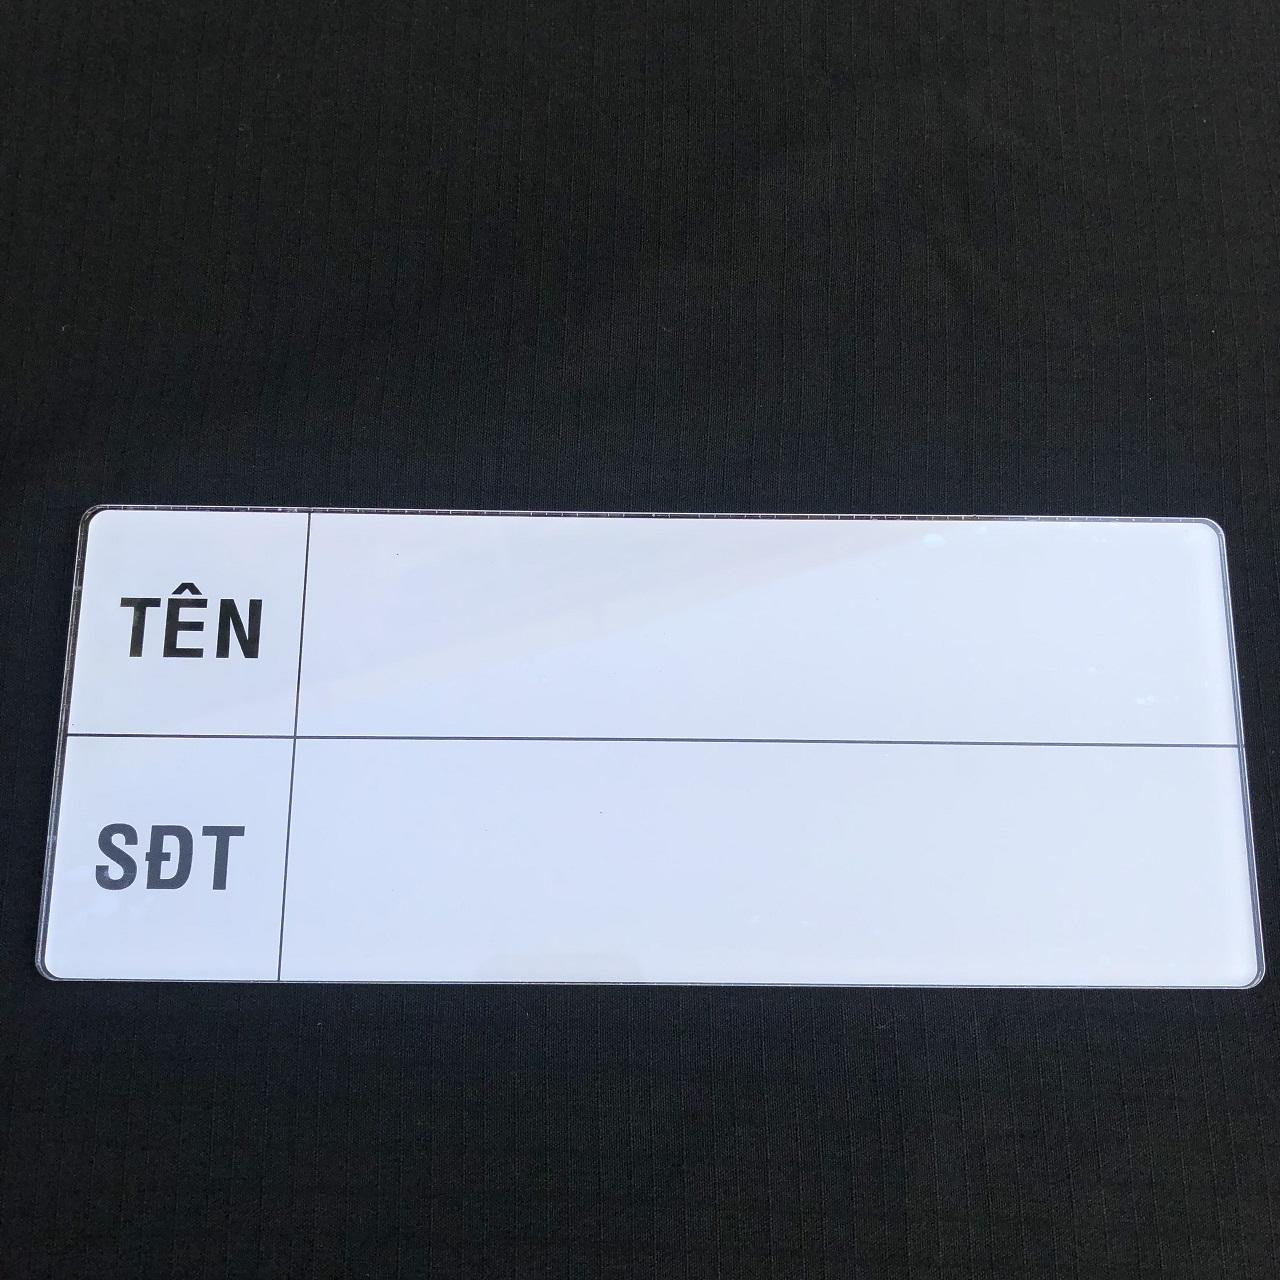 Biển báo thông tin 26cm x 10.5cm  TGCN-42047 OEM-1856